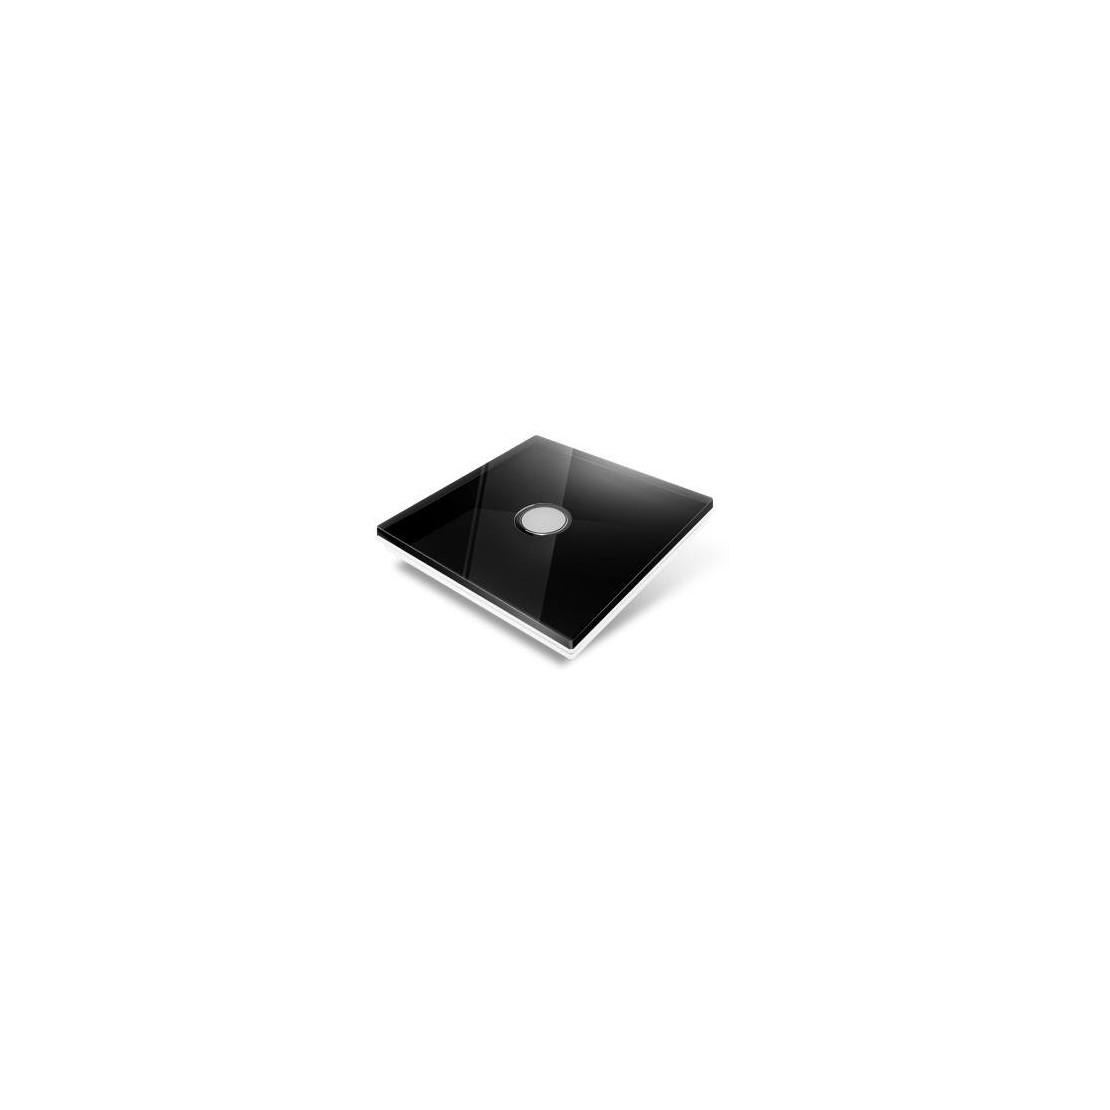 Afdekplaat voor Edisio-schakelaar - glas, zwart